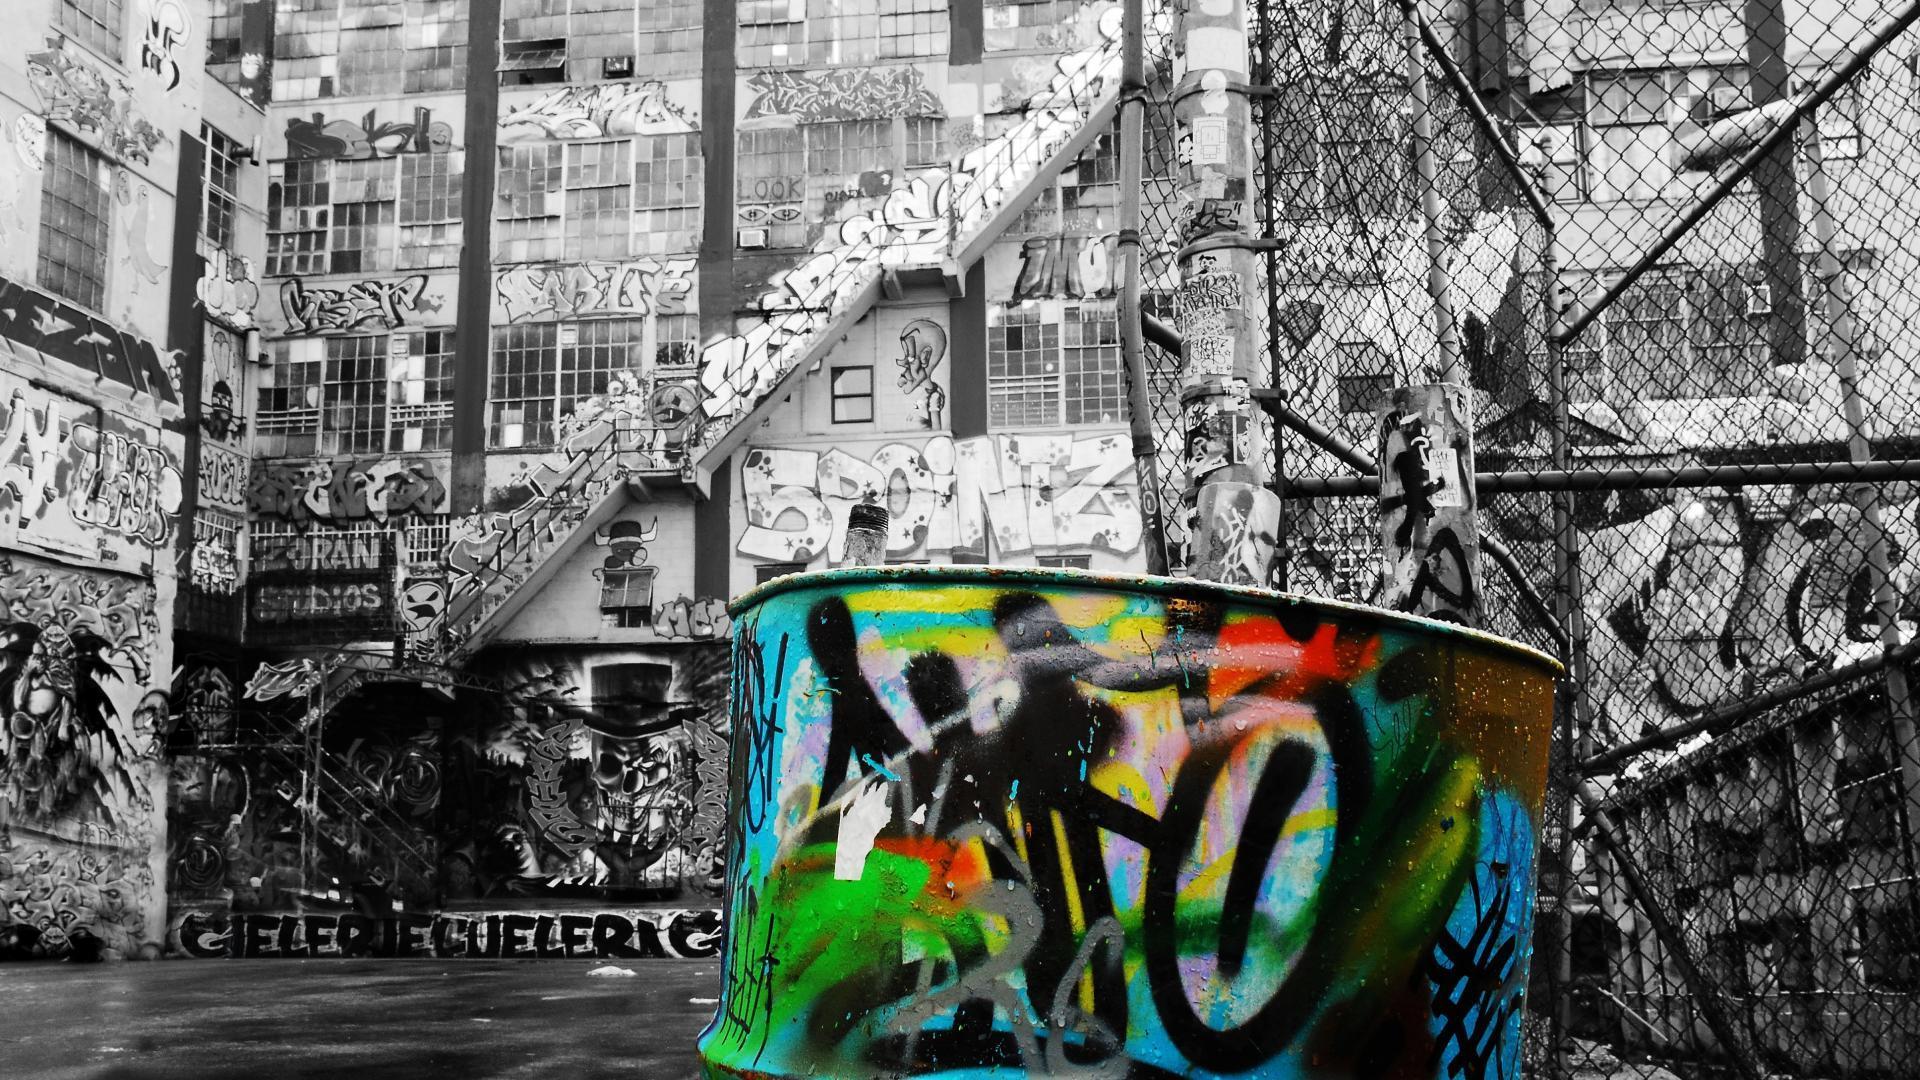 1920x1080 Graffiti hình nền nghệ thuật đường phố chọn lọc màu